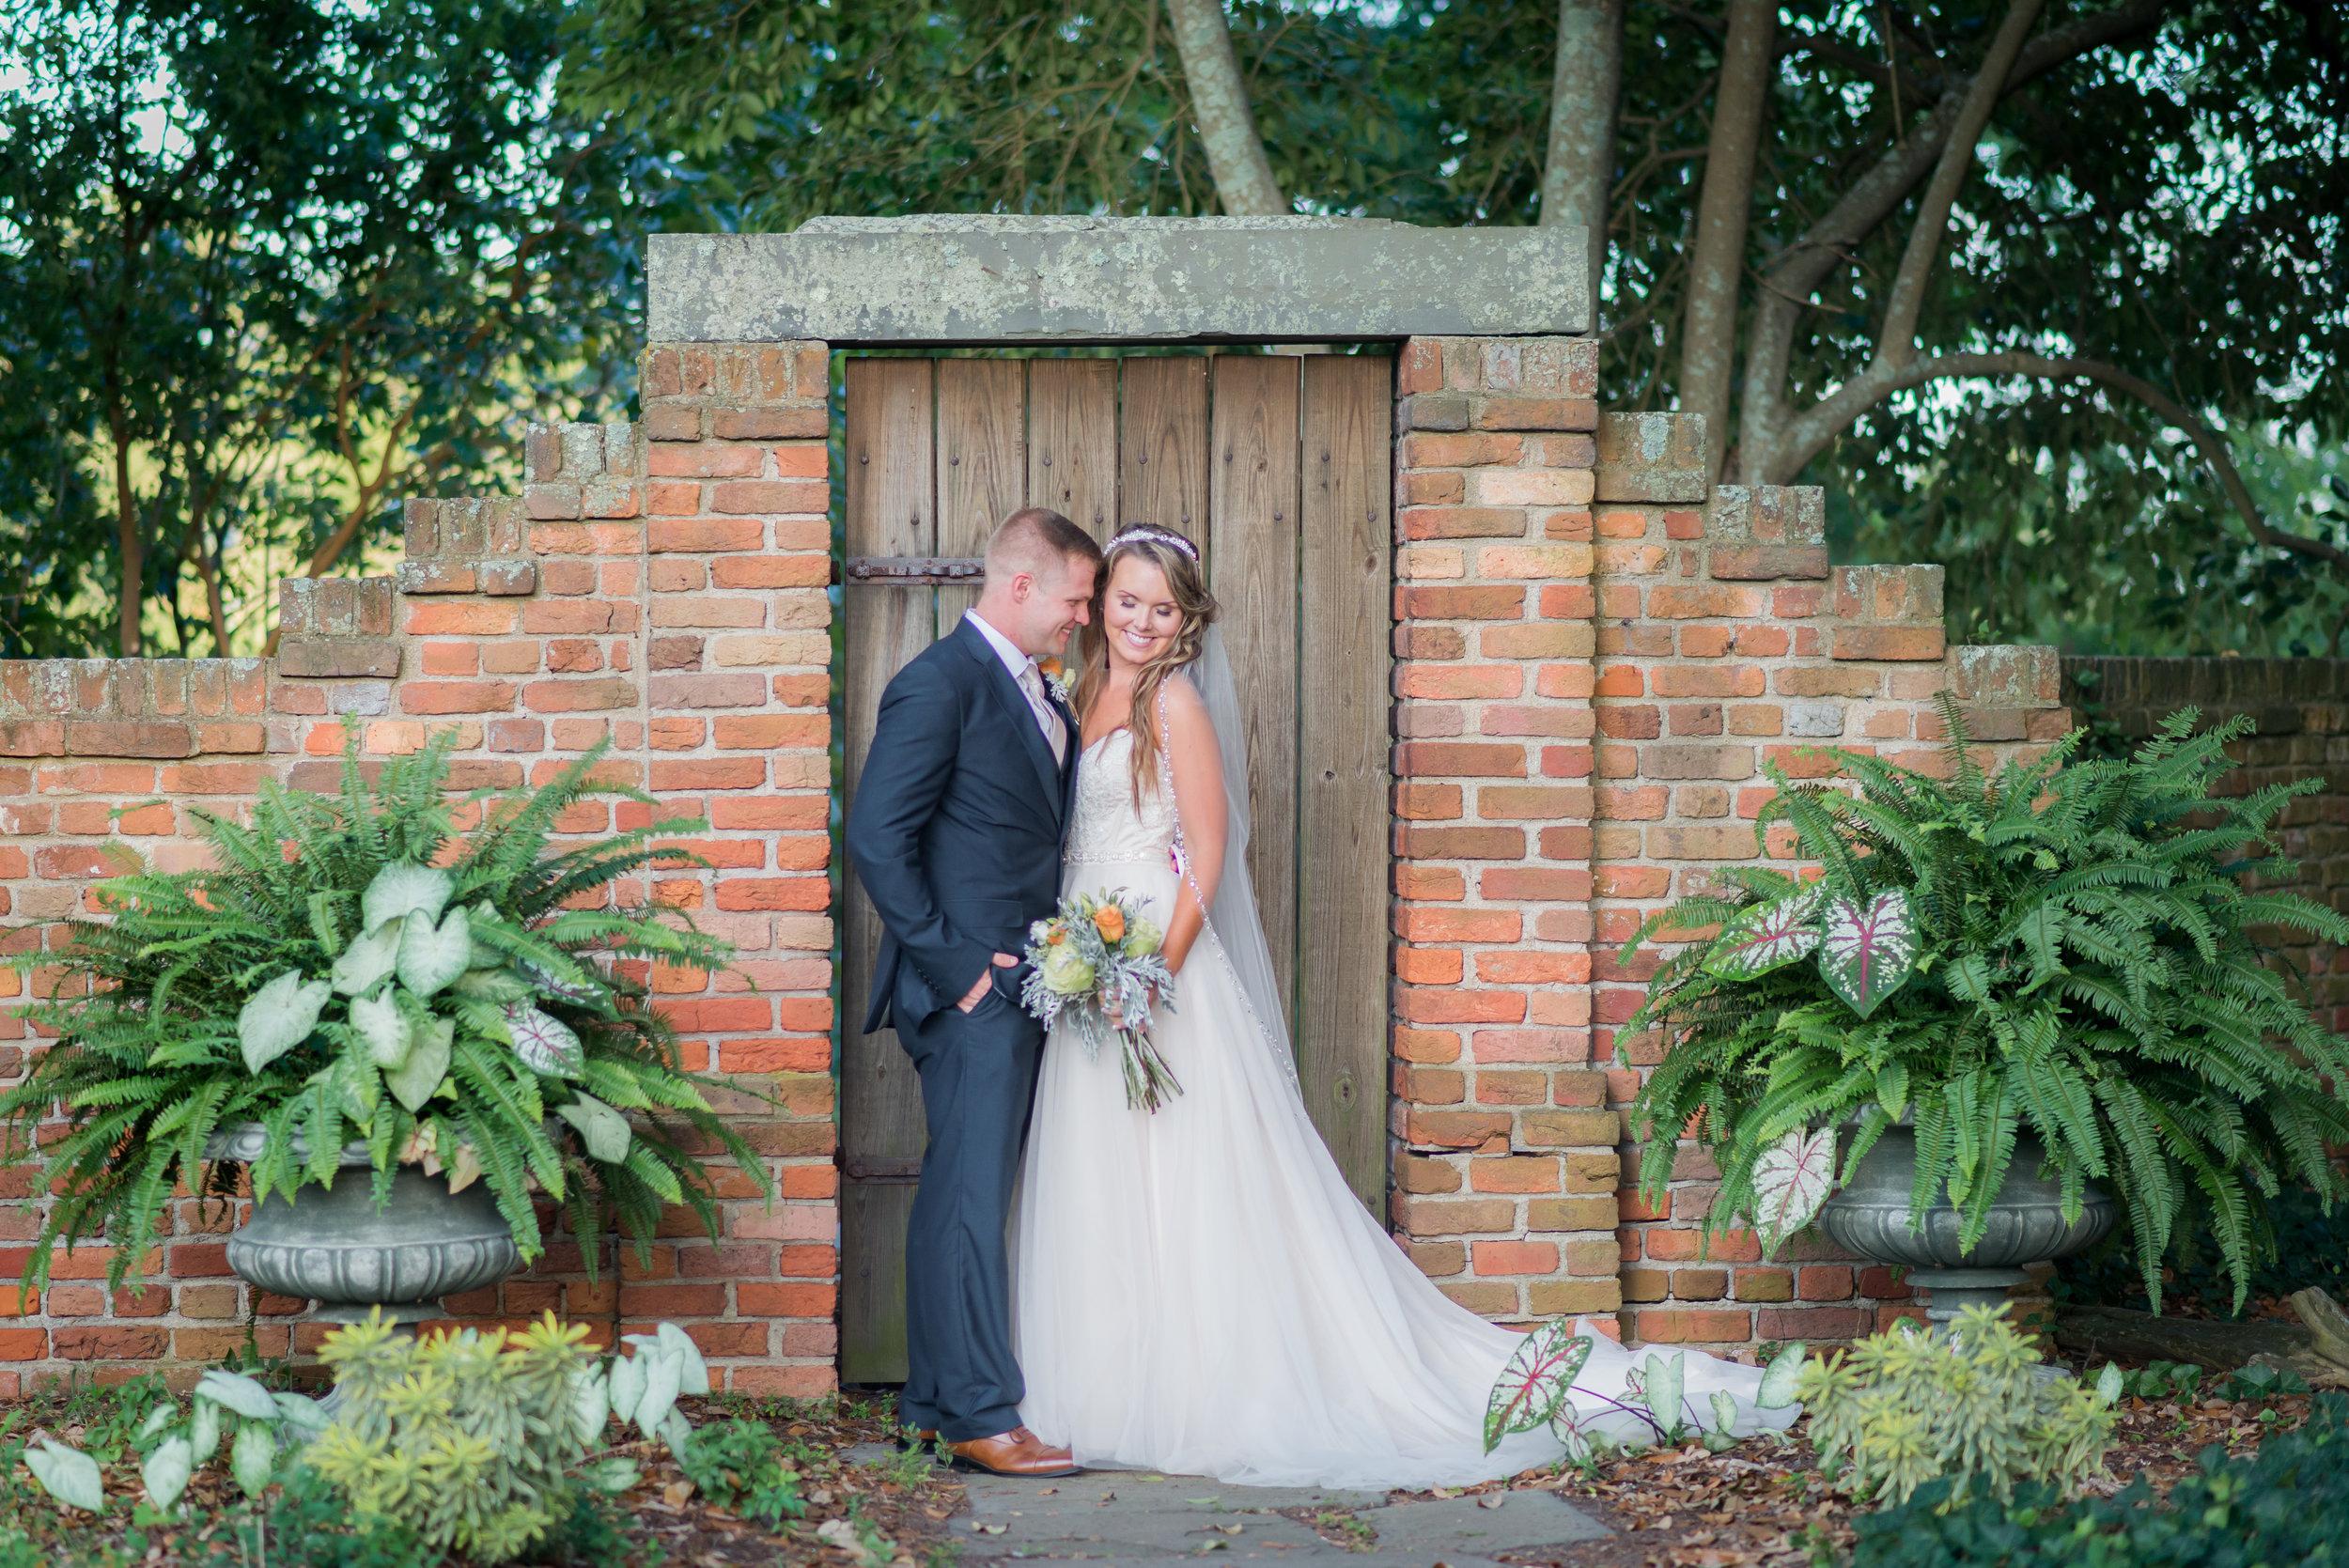 Rachael + William_Married362.JPG